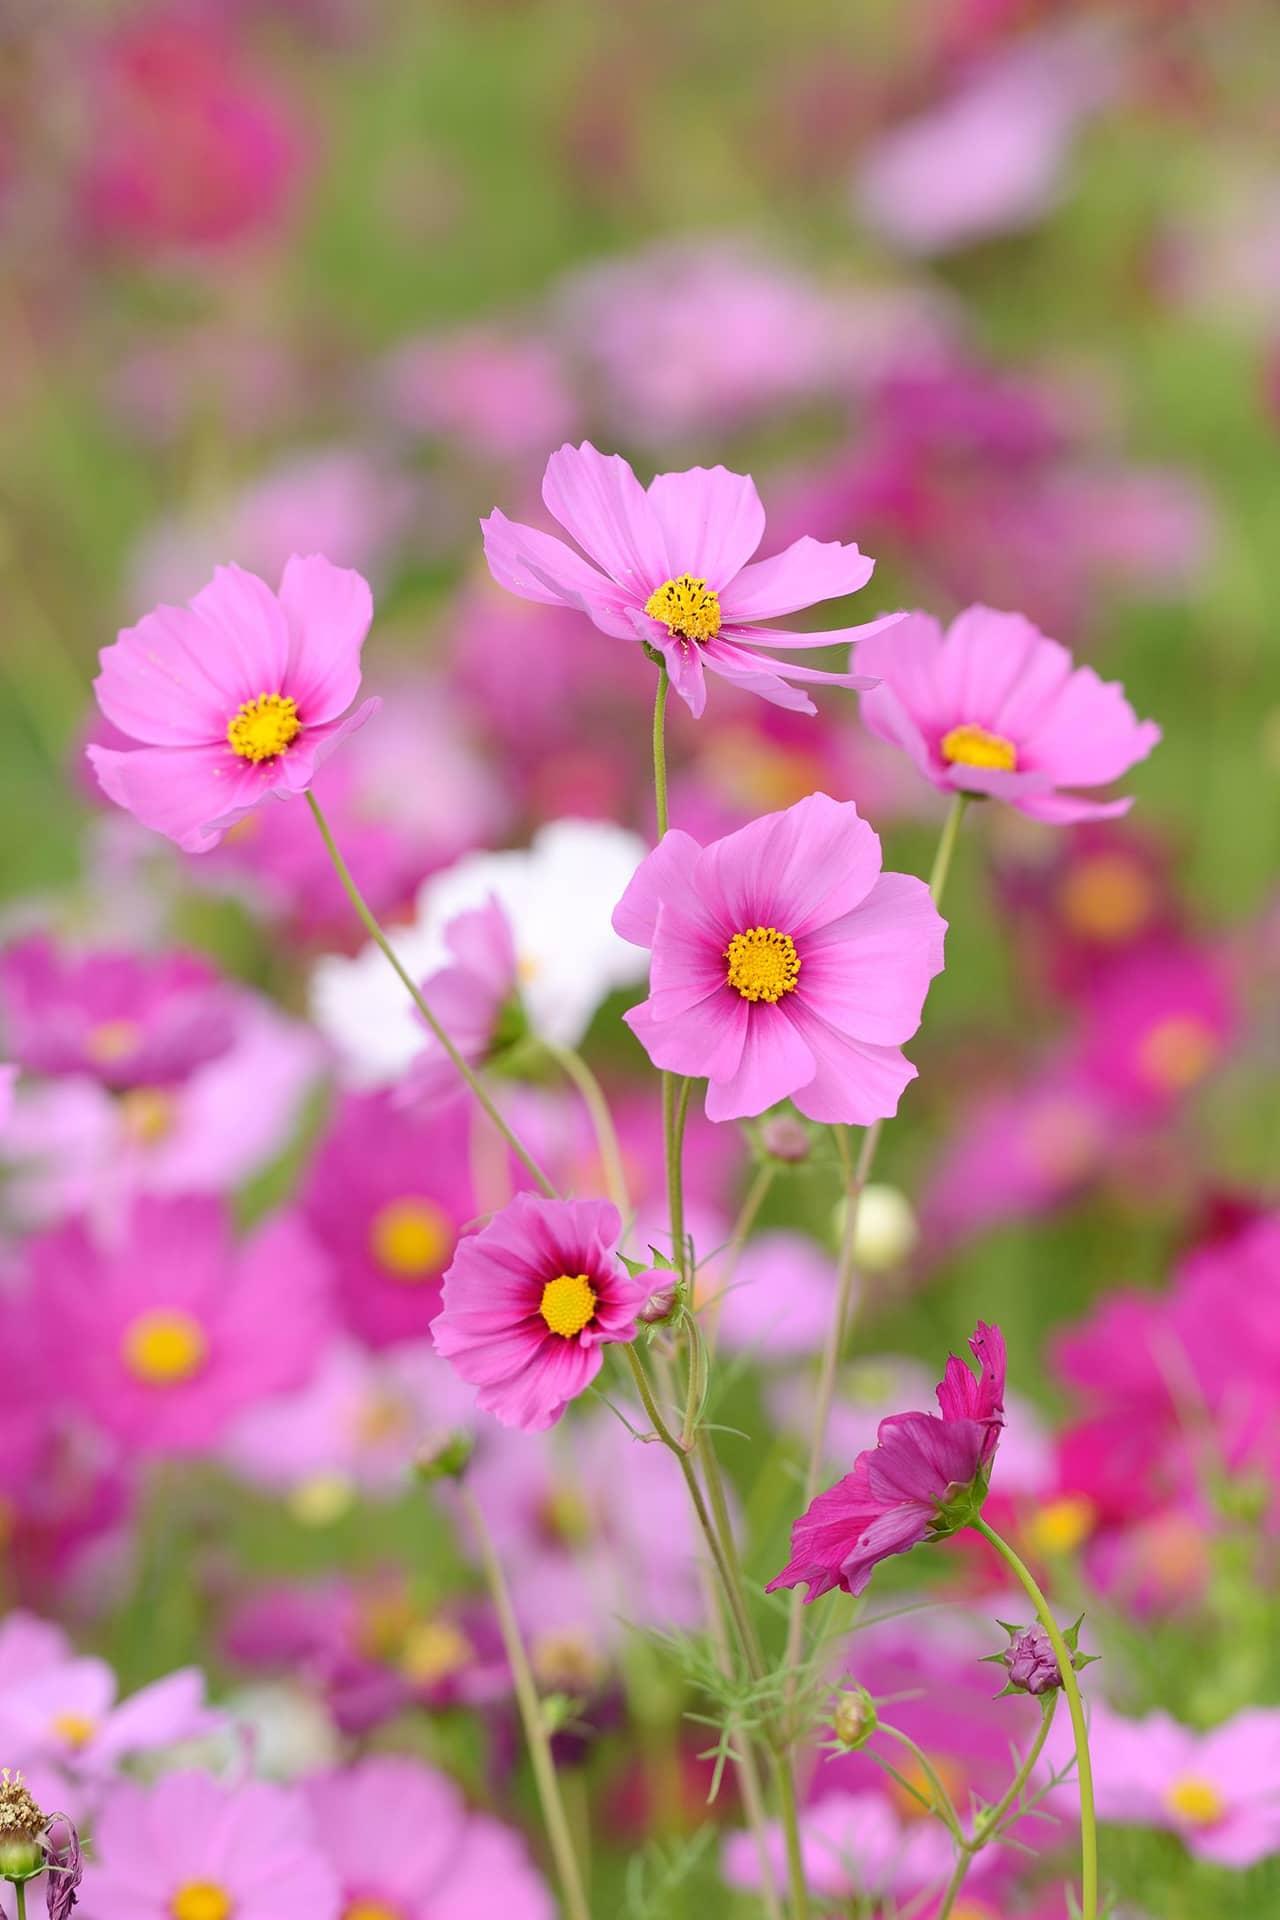 Hoa cúc sao nháy - cánh bướm mang vẻ đẹp của thiên nhiên đẹp lung linh trong gió